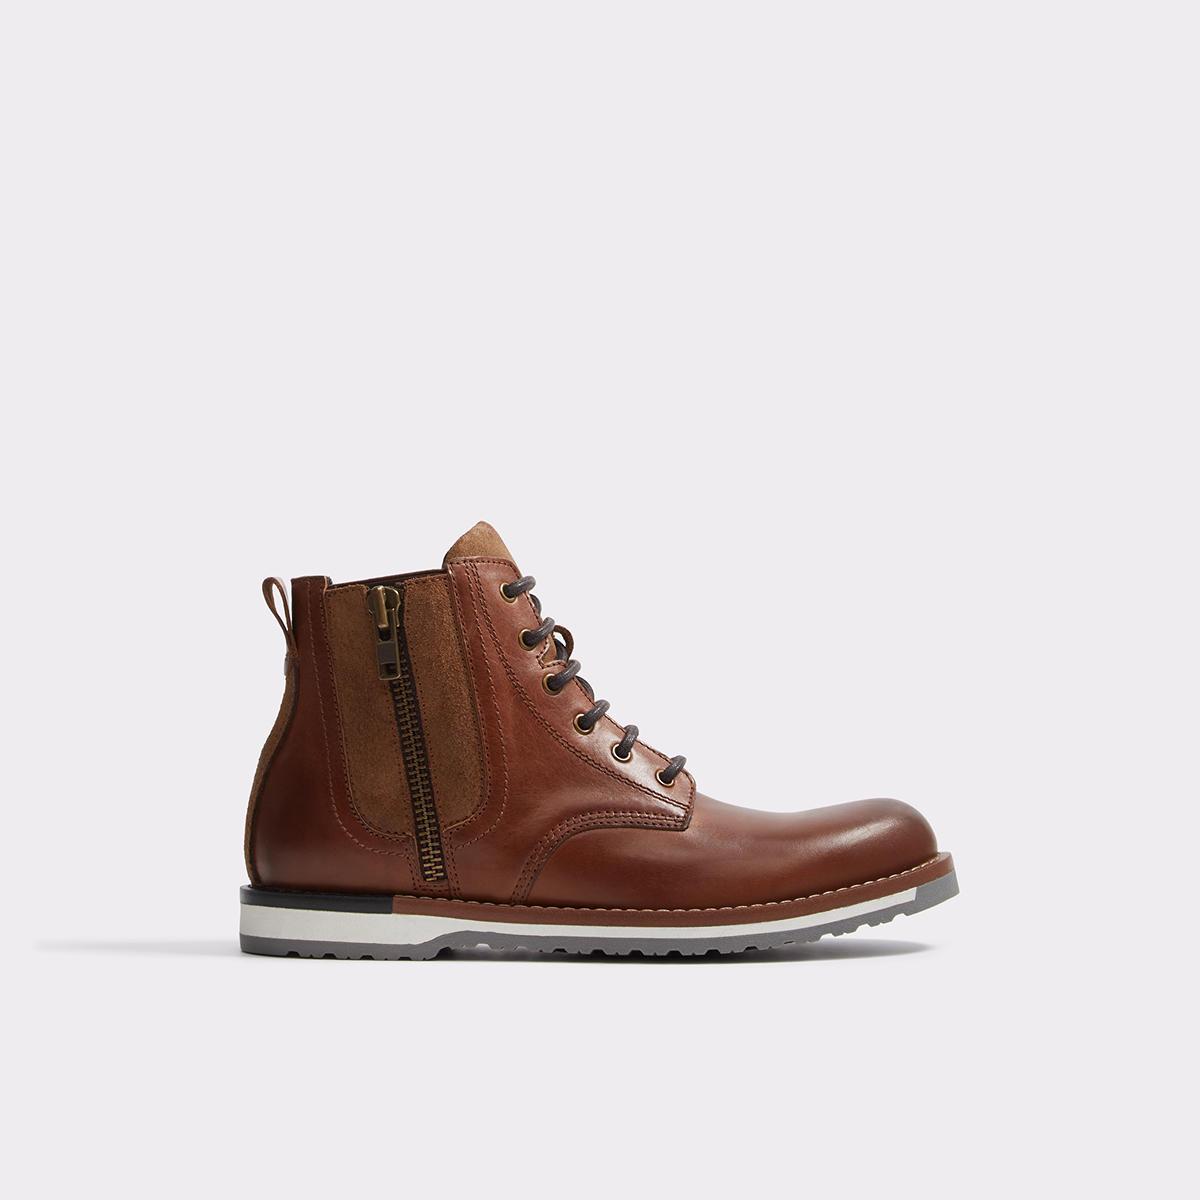 aldo shoes 10019 weatherbug forecast